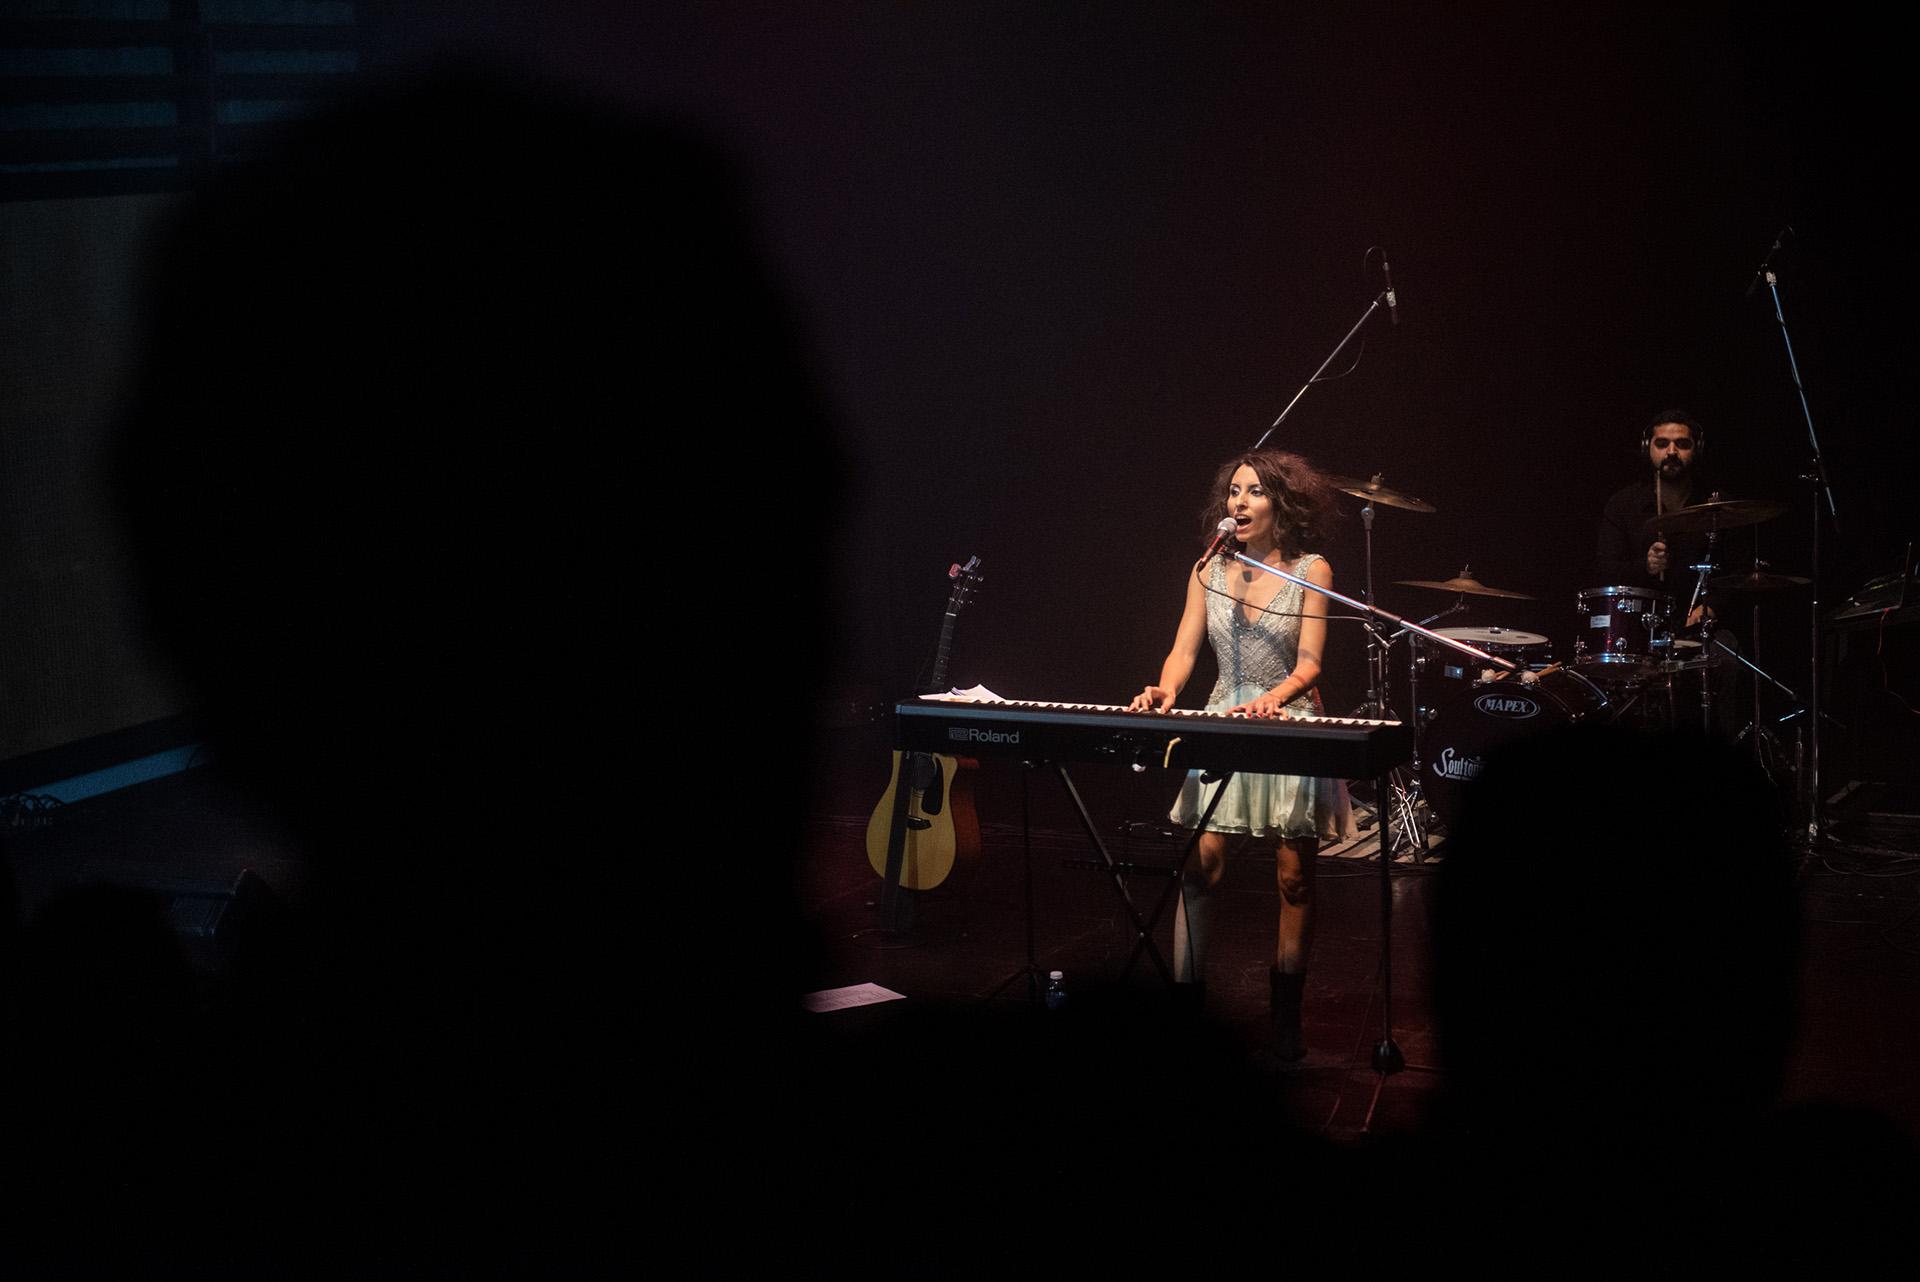 Con un estilo muy personal y una gran trayectoria, el tercer disco de la cantante y compositora Sumaia, llegó a los escenarios del CCC (Centro Cultural de la Cooperación)